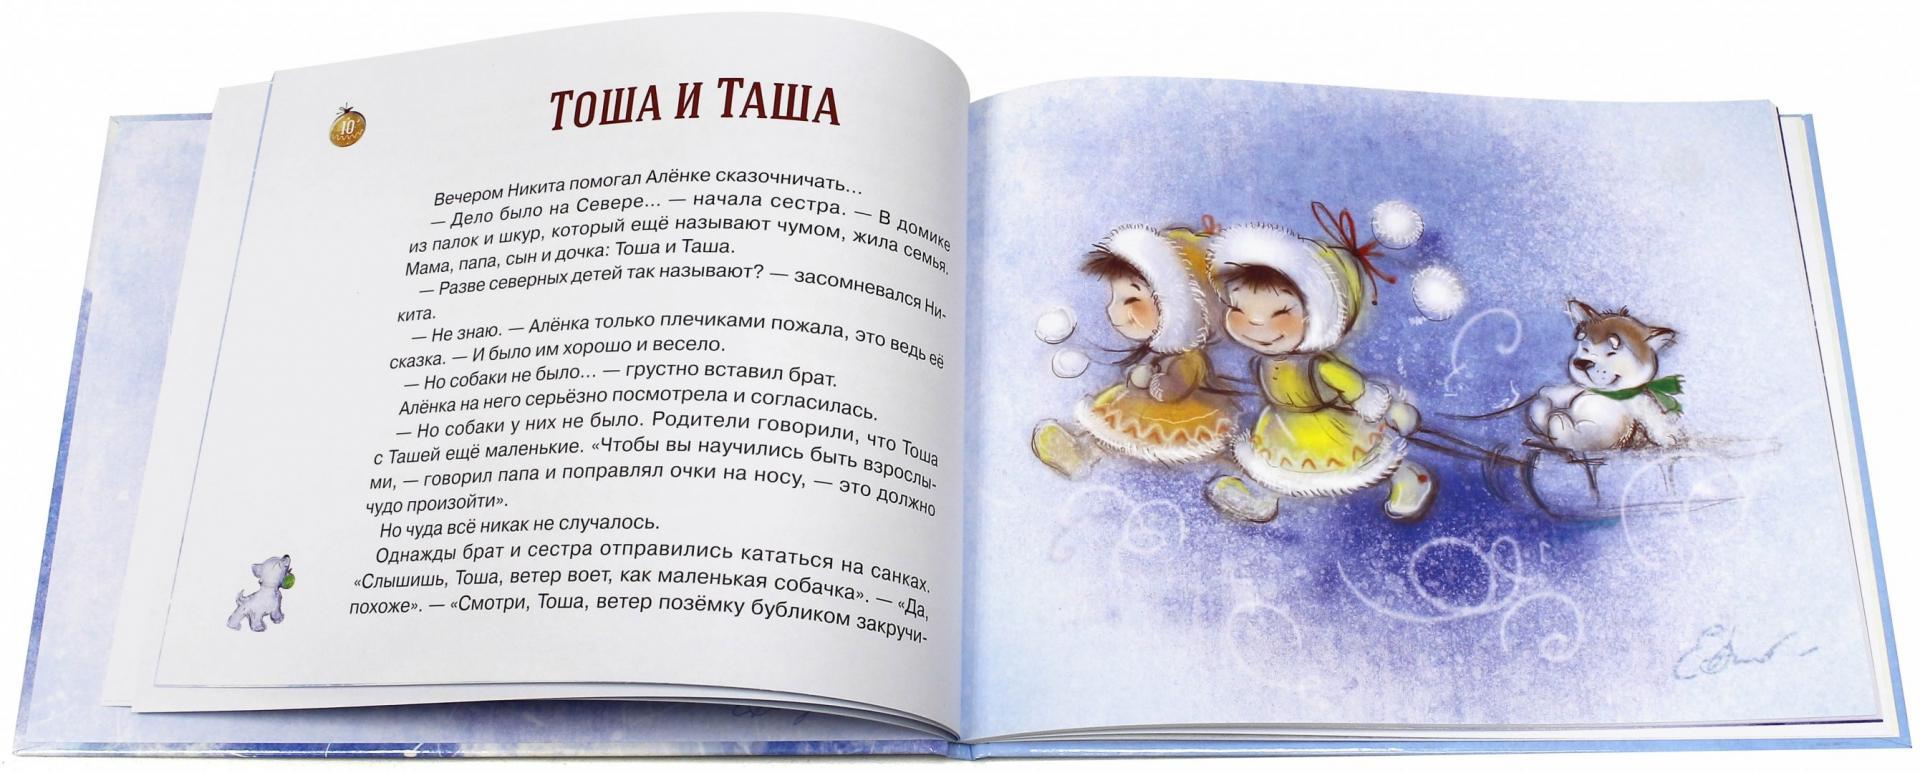 Иллюстрация 1 из 44 для Аленкины сны. Волшебные сонные сказки - Бабок, Вересова   Лабиринт - книги. Источник: Лабиринт